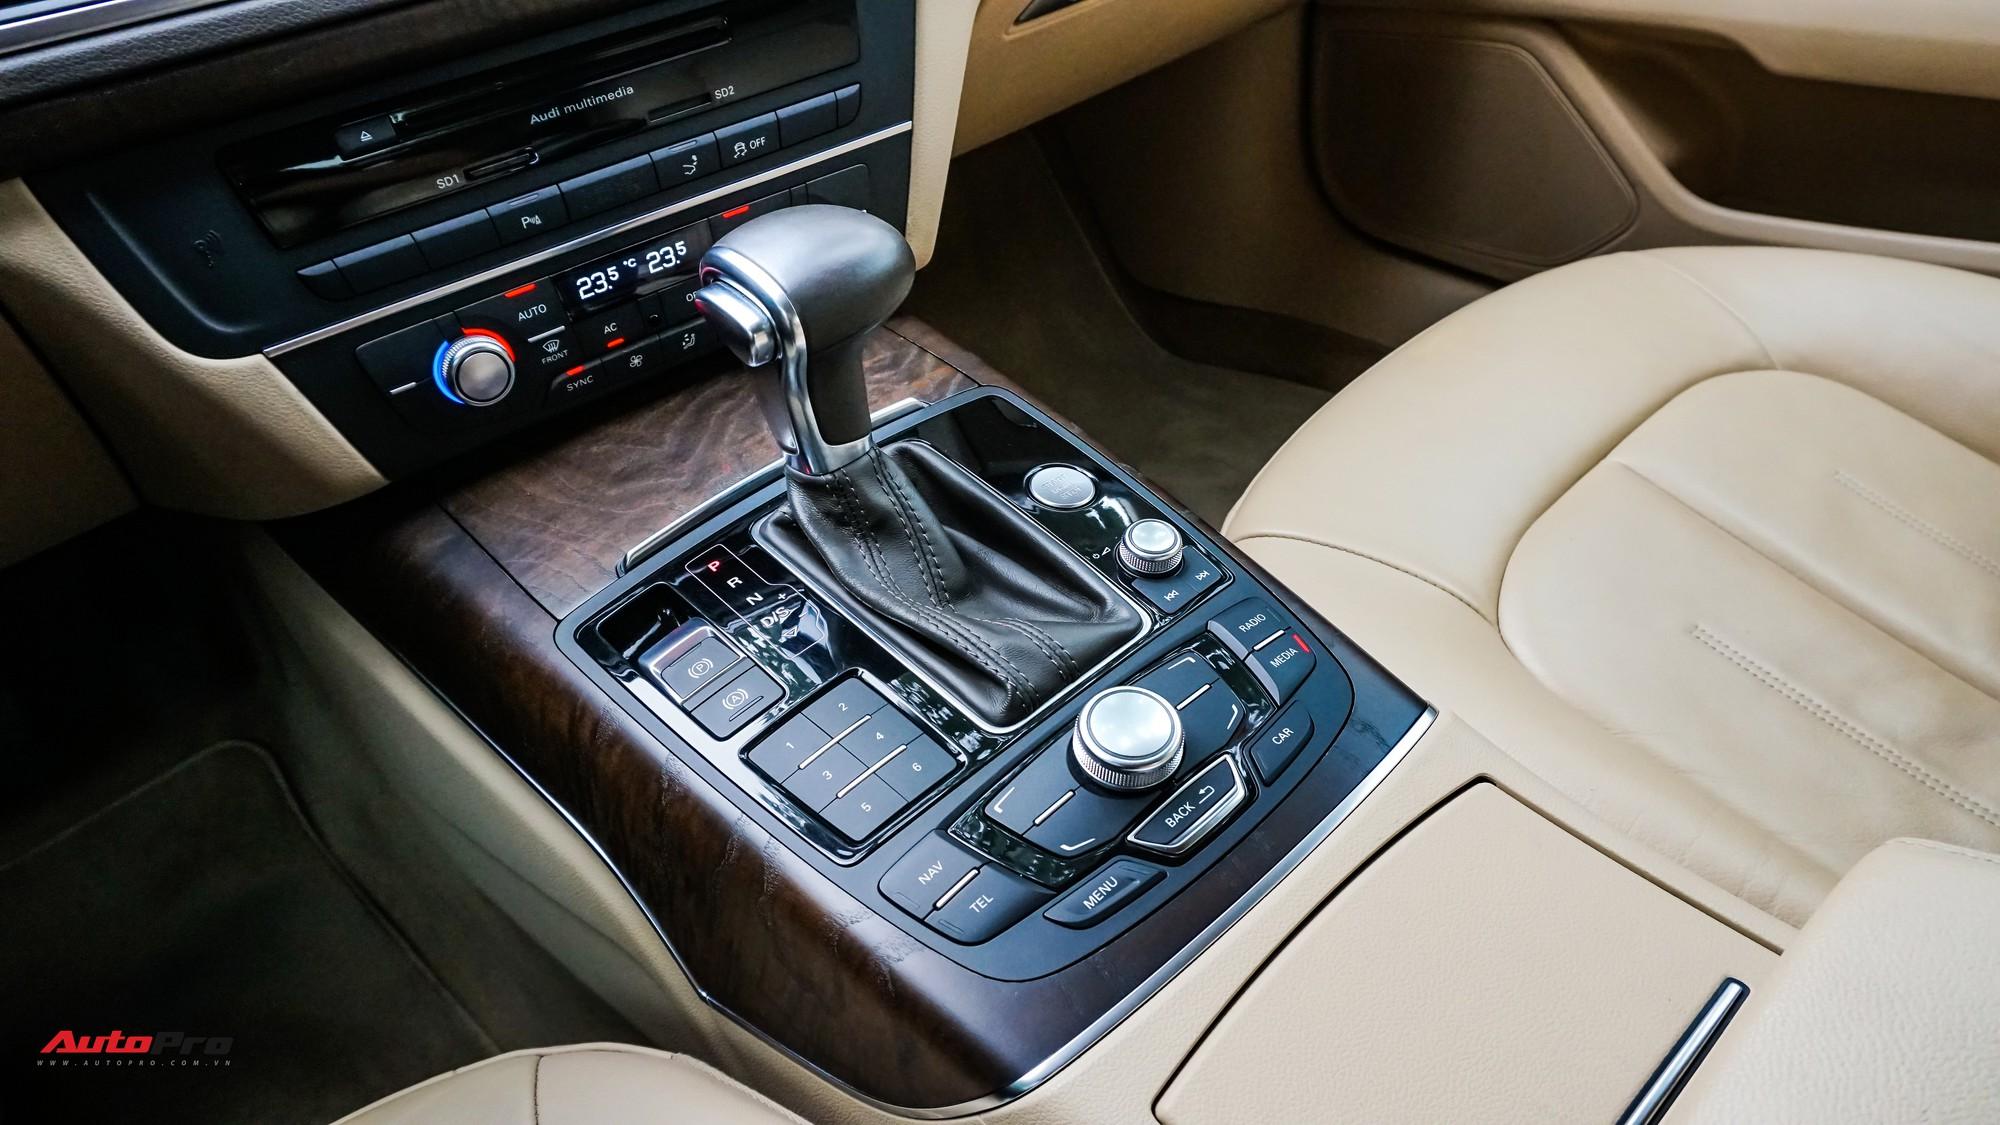 Audi A7 Sportback 7 năm tuổi bán lại 1,5 tỷ đồng tại Hà Nội - Ảnh 12.